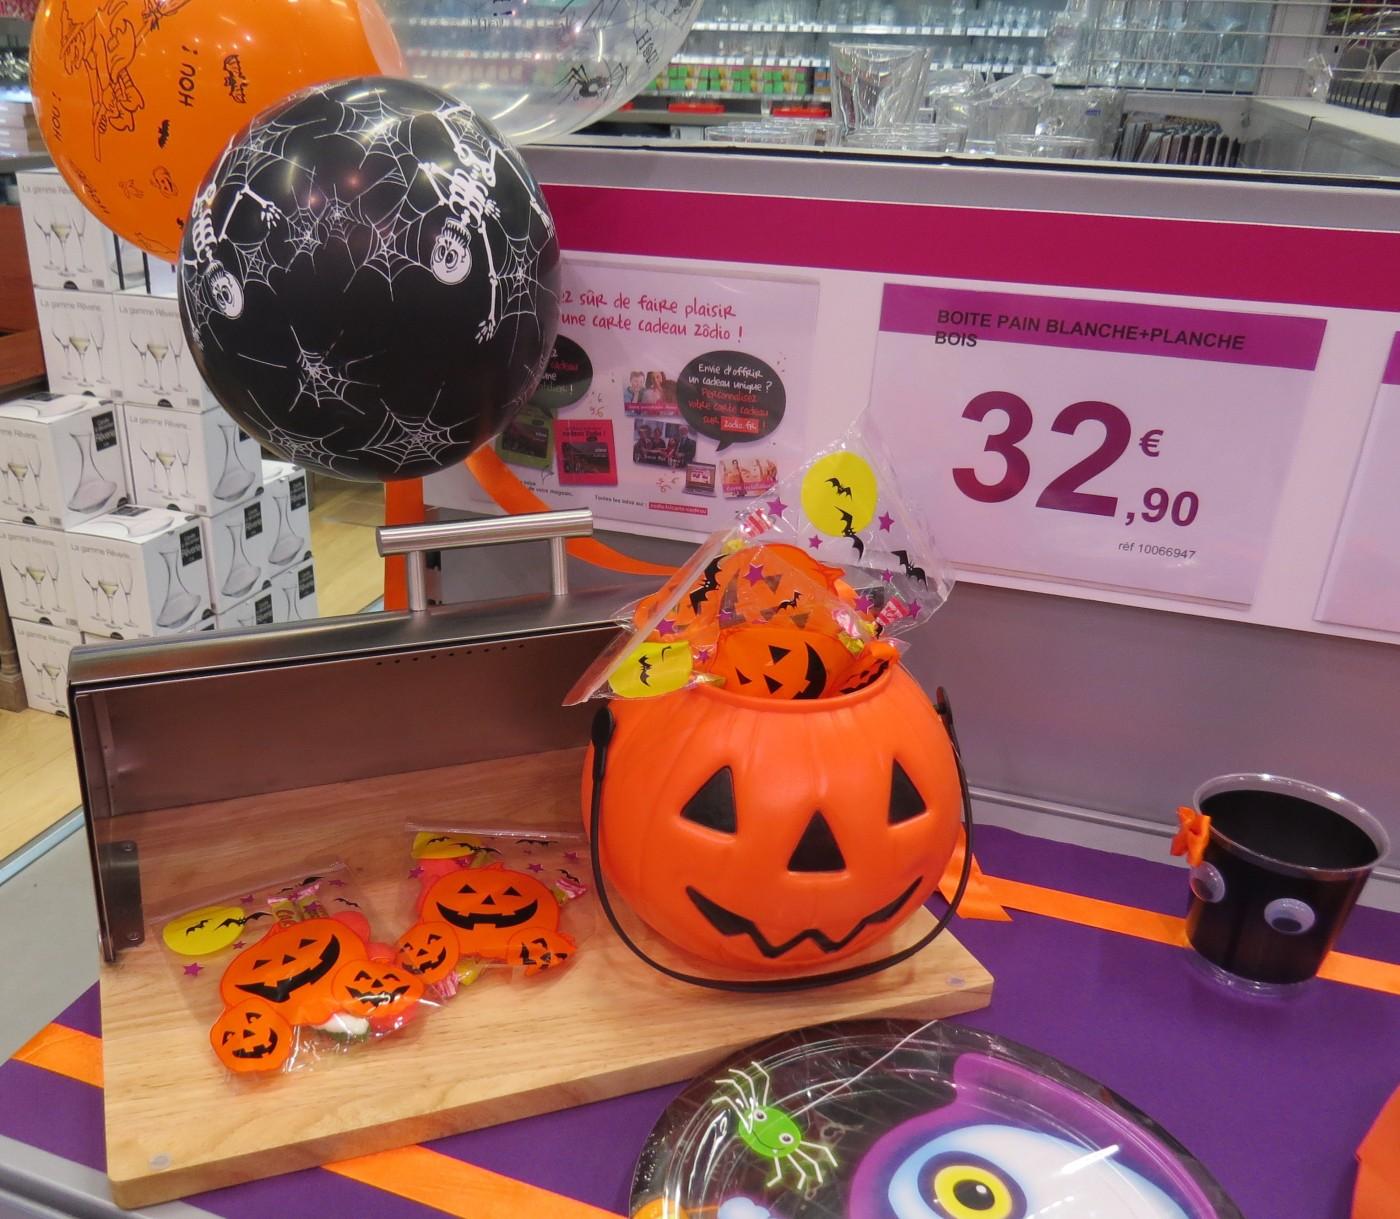 Halloween est arriv sur votre magasin zodio mondeville blog z dio - Magasin mondeville 2 ...